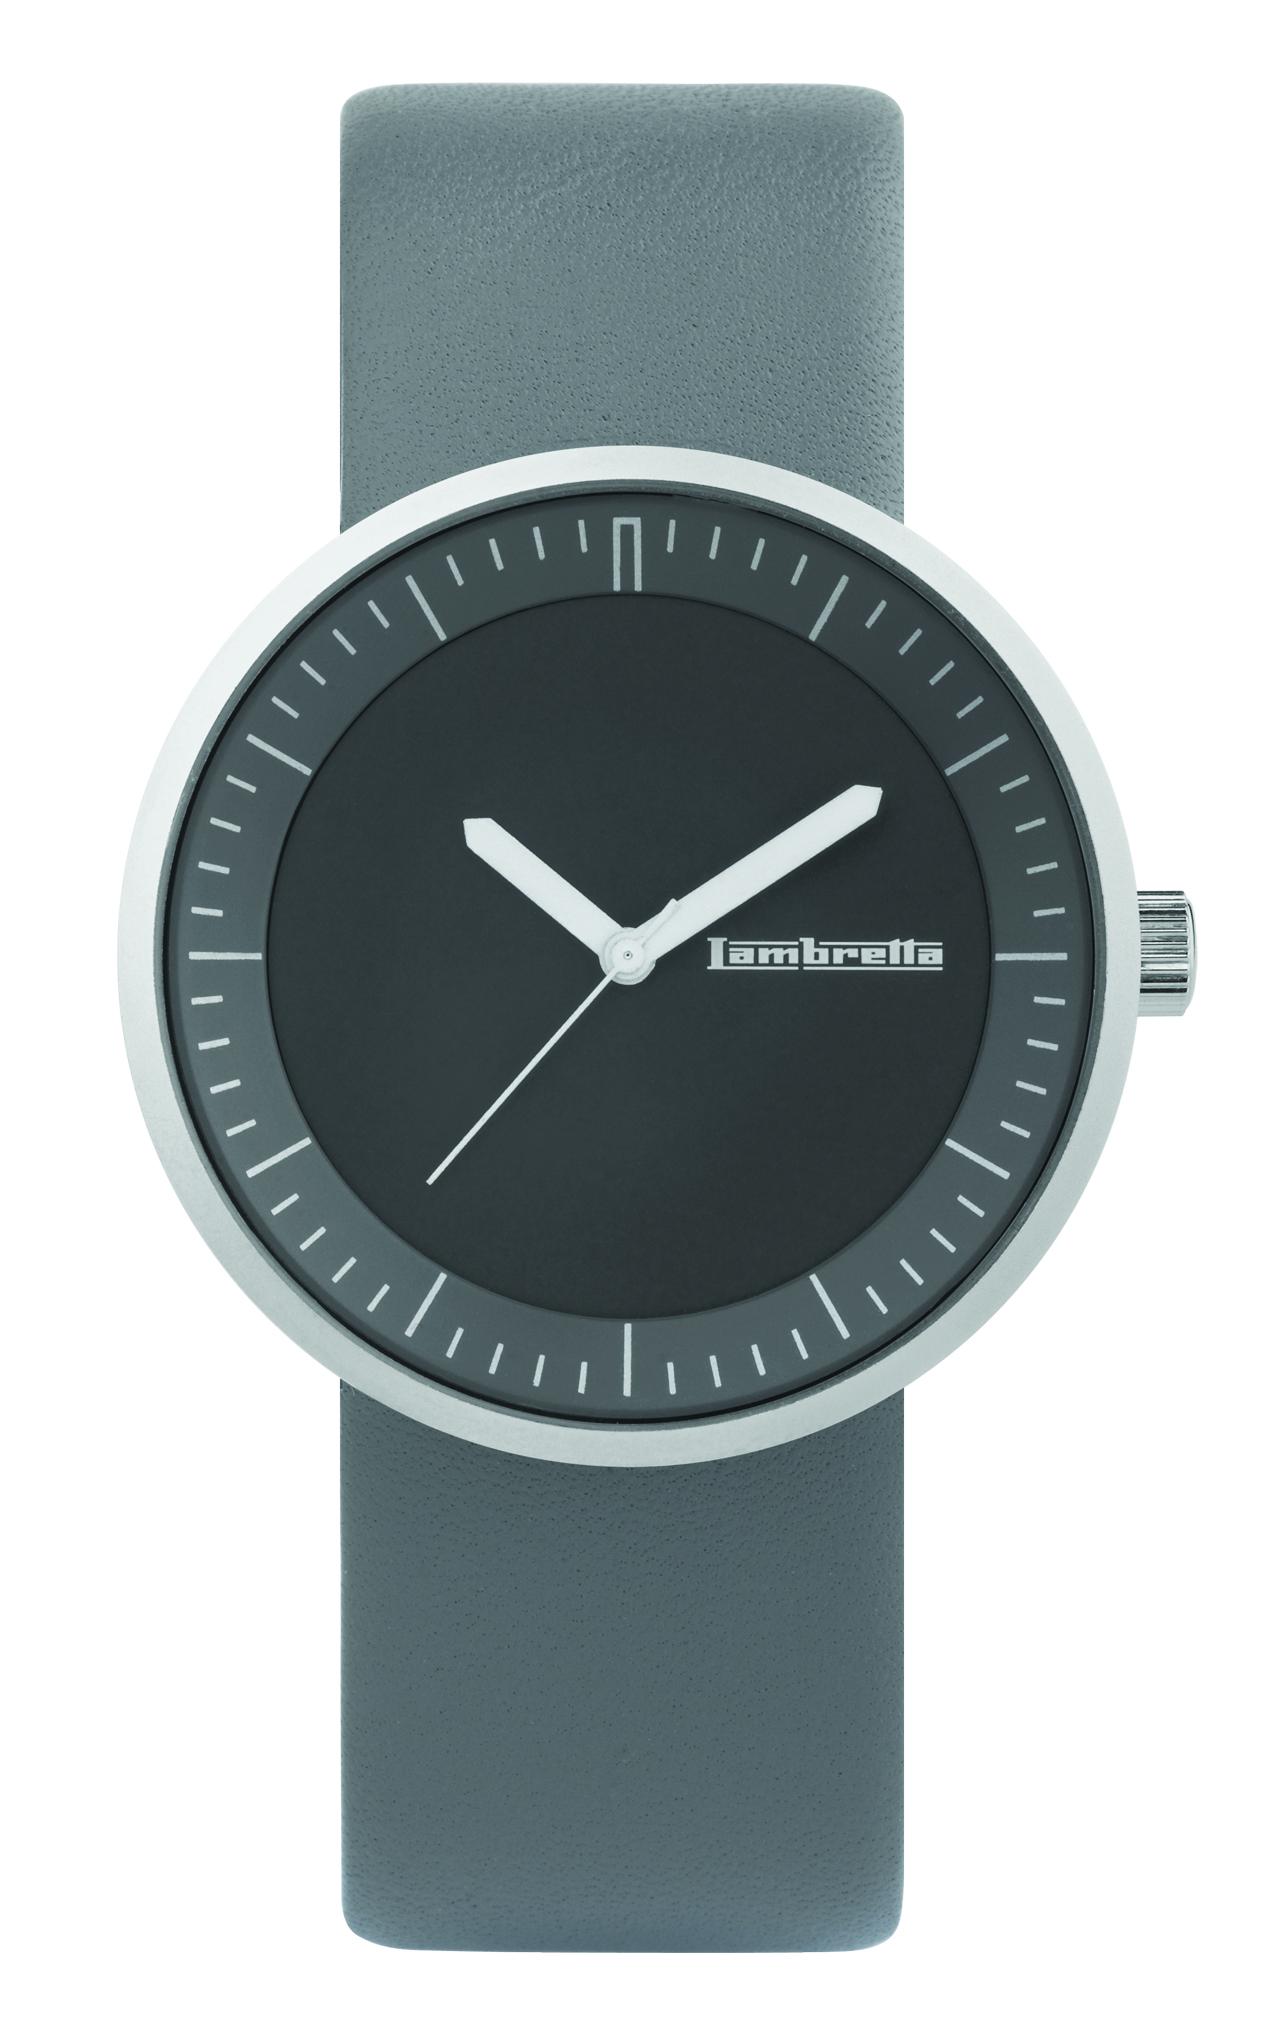 Часы наручные Lambretta Franco Stone grey